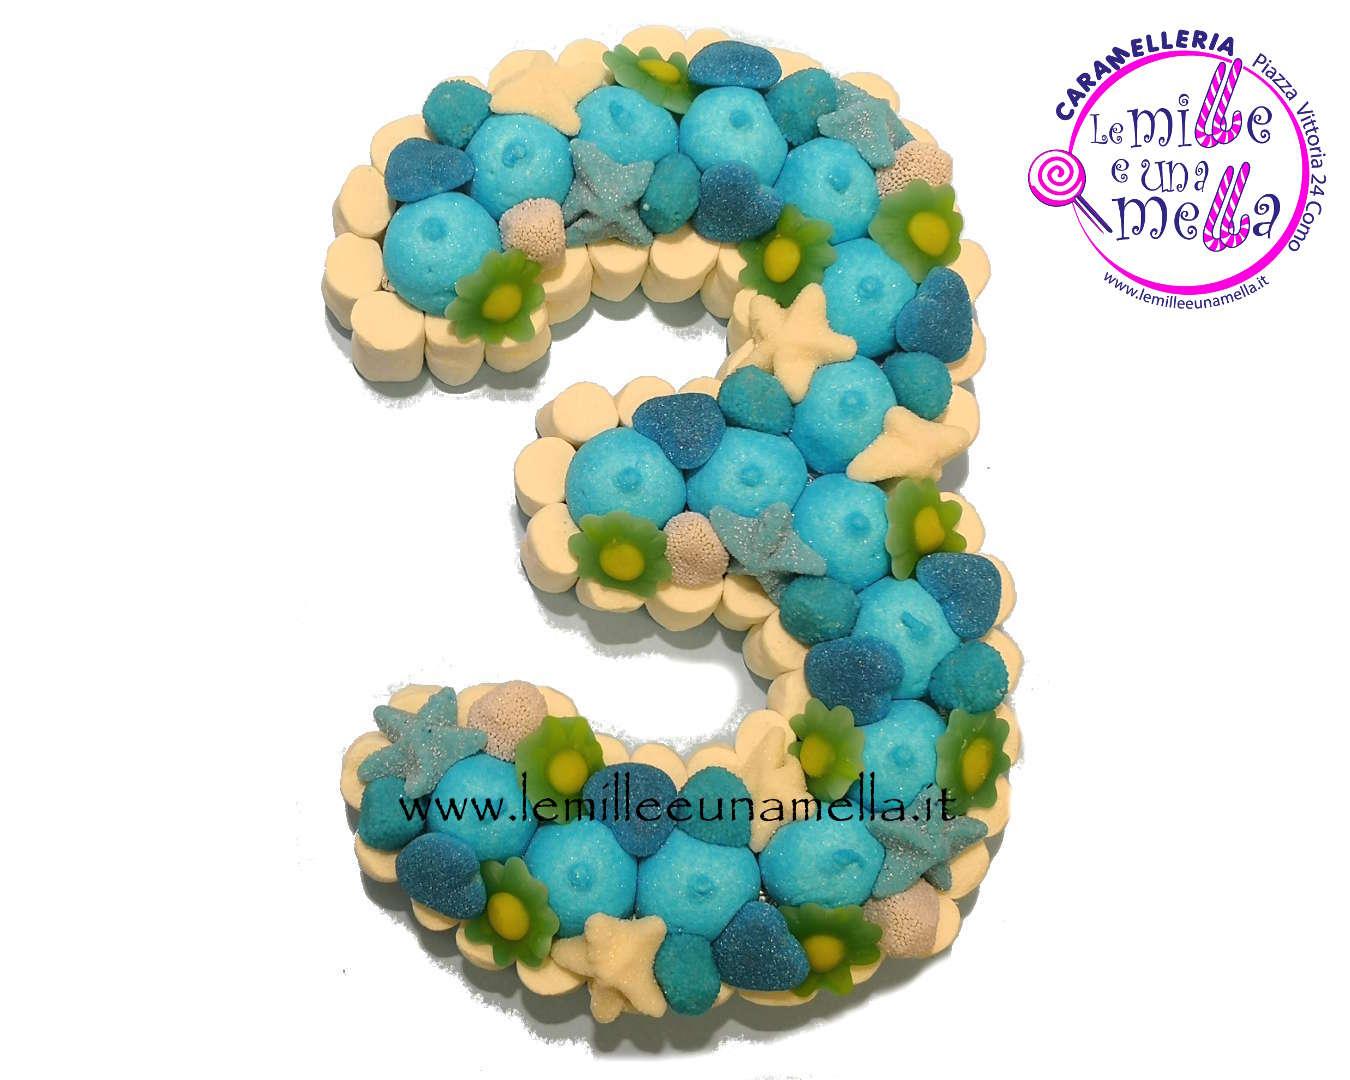 torta di caramelle e marshmallow a forma di numero per compleanno, vendita online Le Mille e una Mella